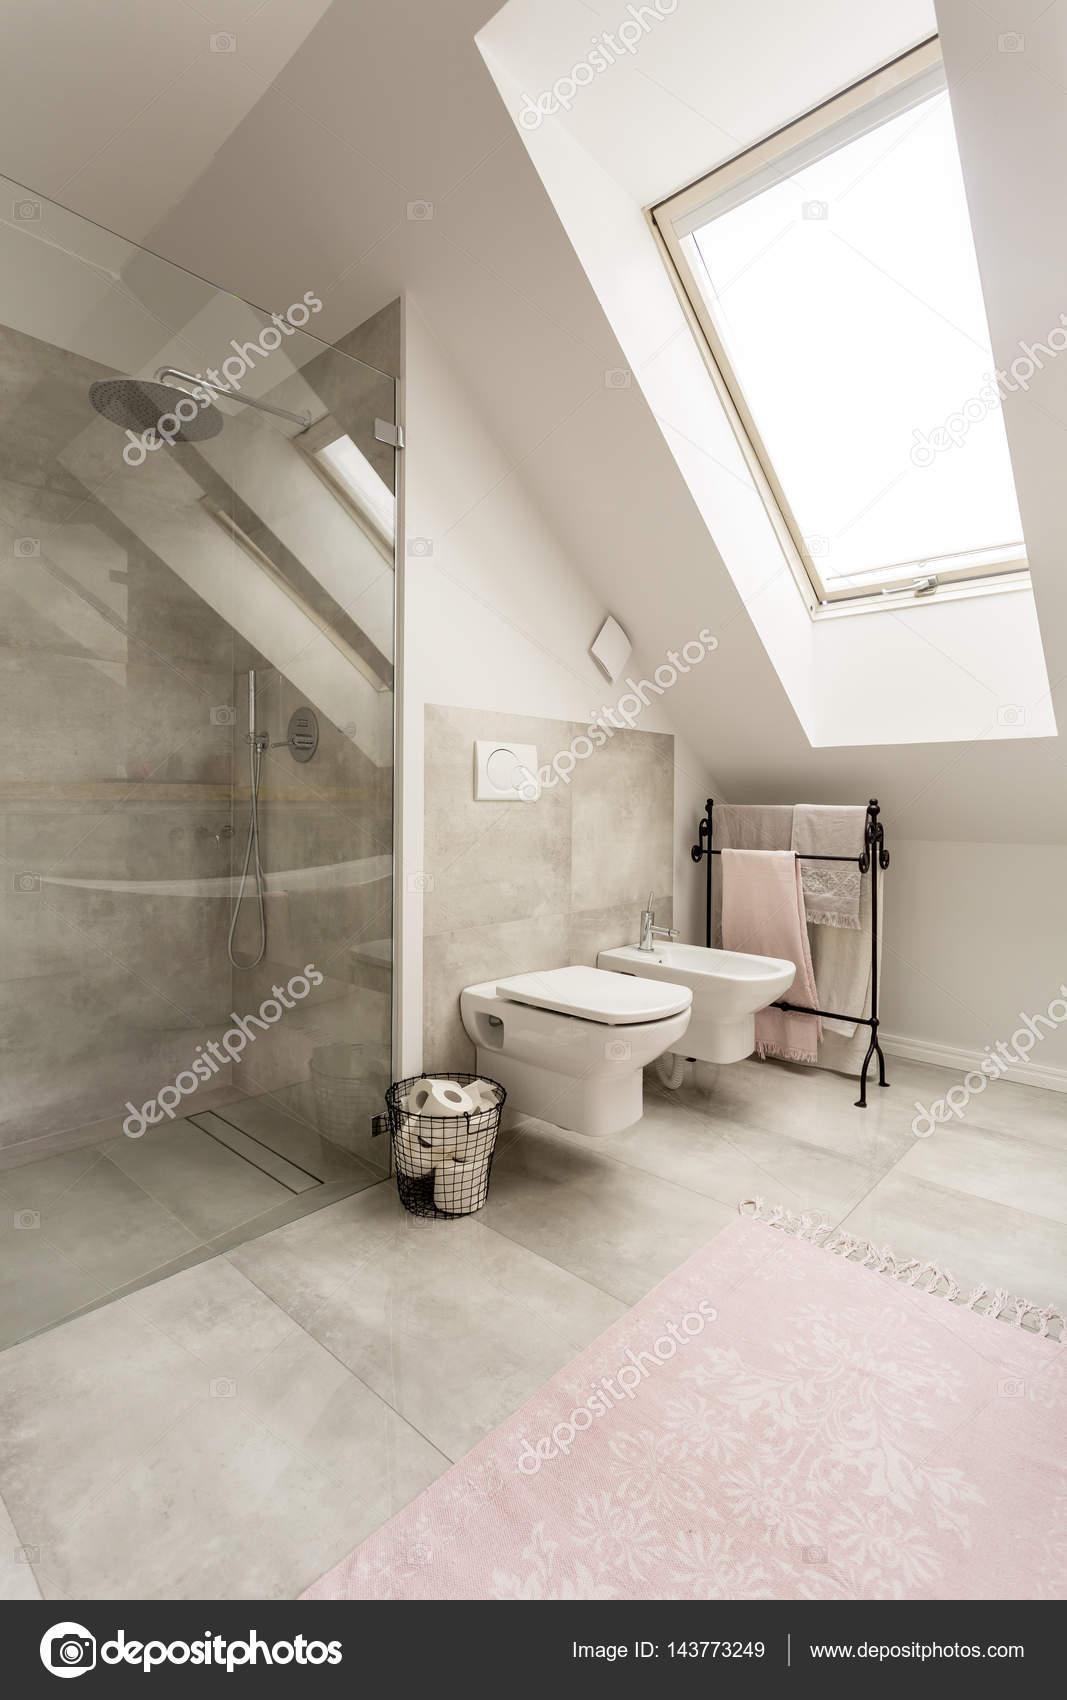 Geraumiges Badezimmer Mit Dusche Aus Glas Stockfoto C Photographee